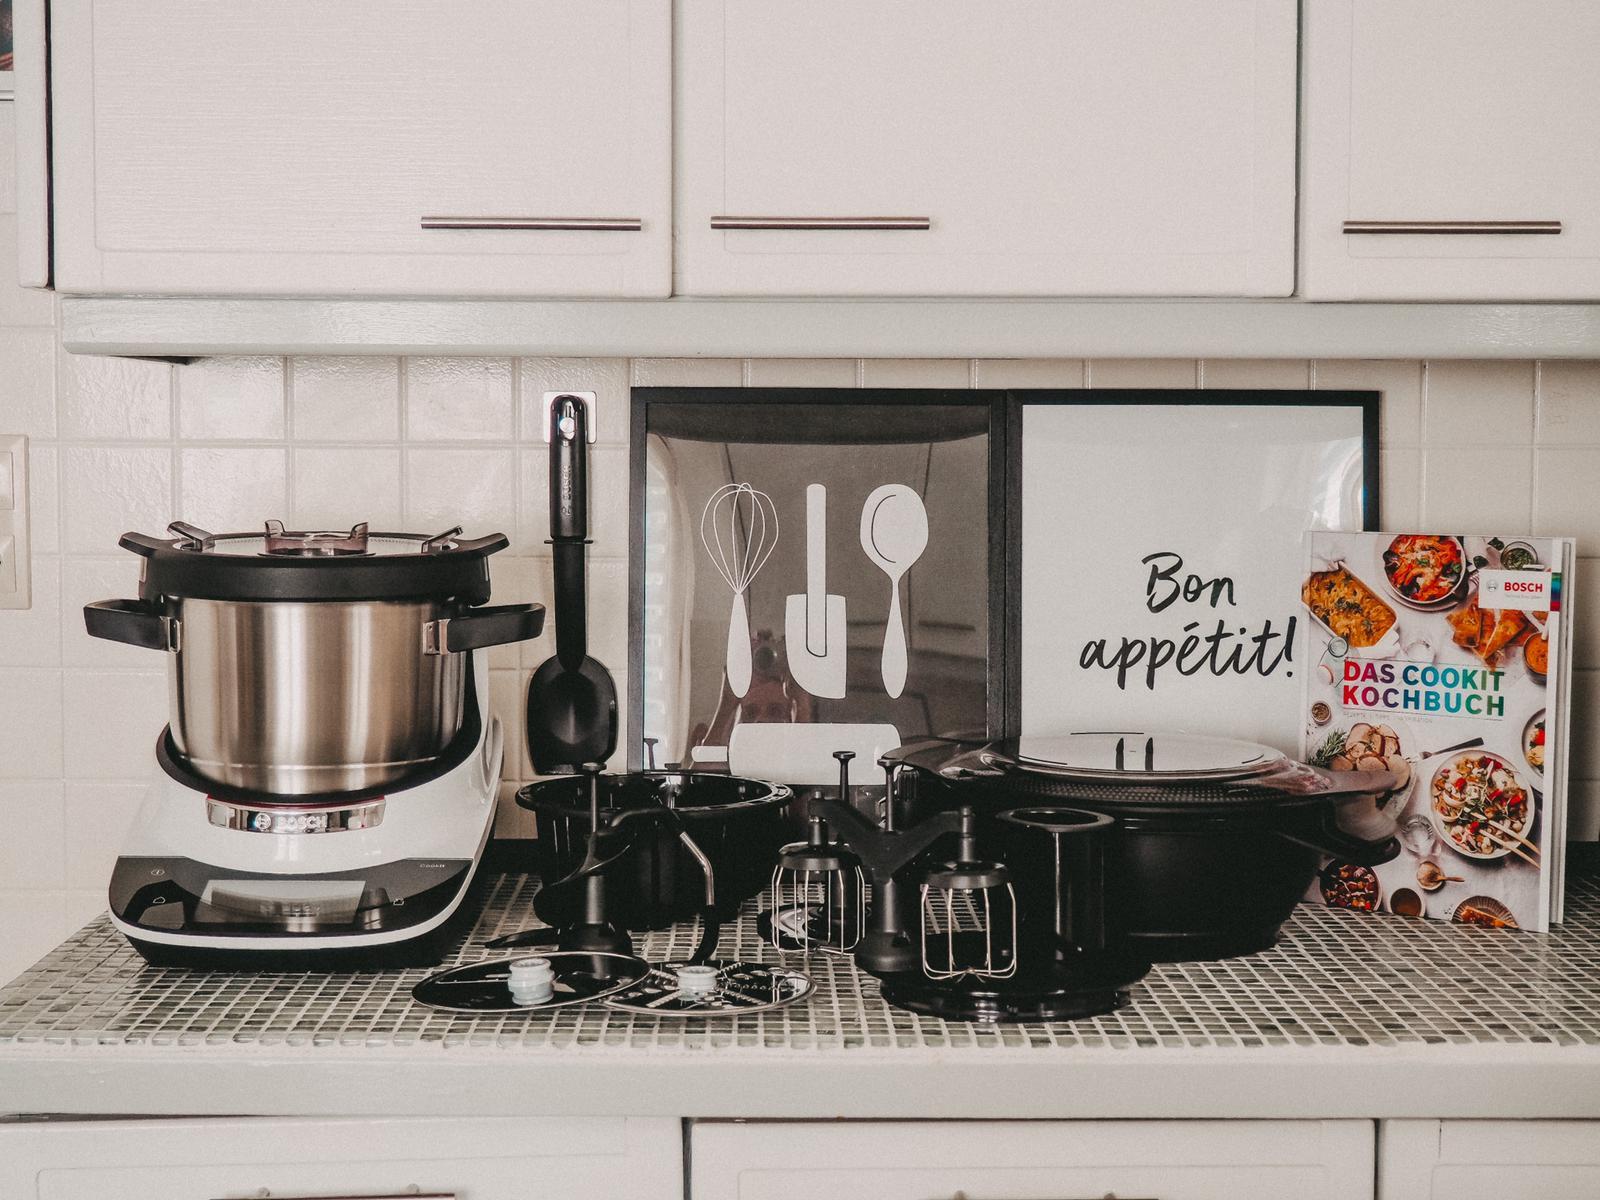 Zubehör vom Bosch Cookit